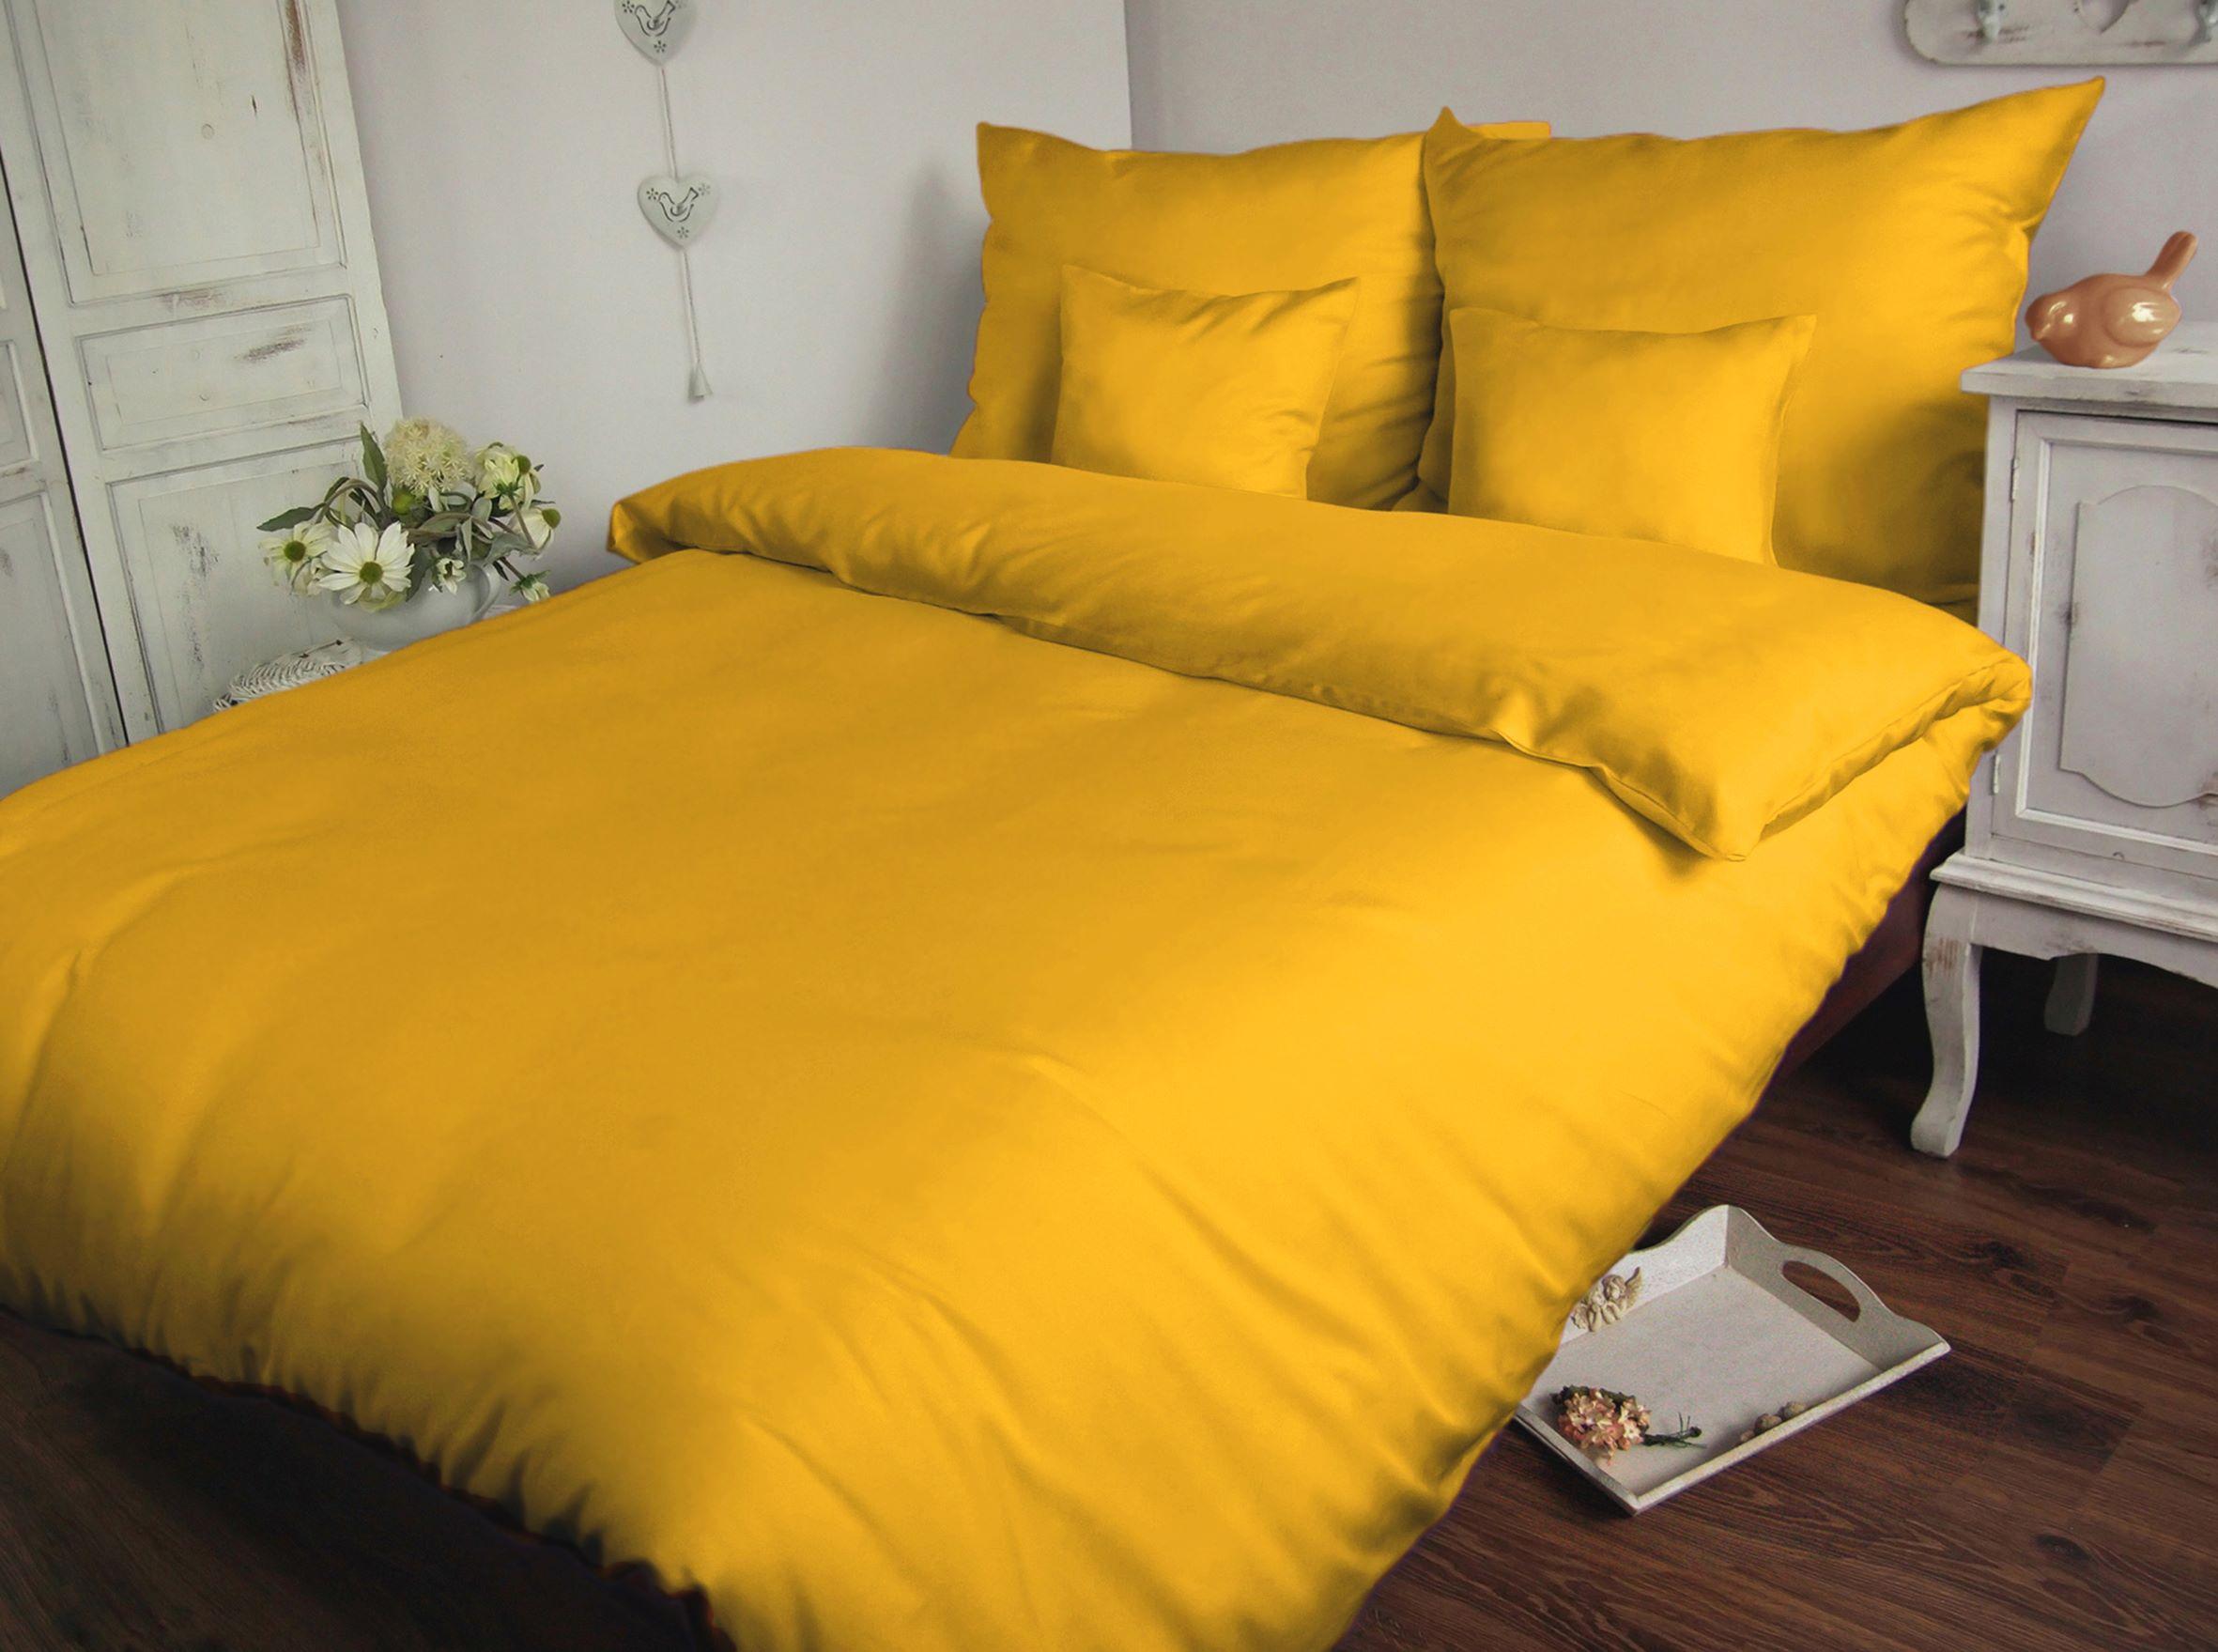 Pościel Satynowa Jednobarwna 180 X 200 żółty Carmen 004